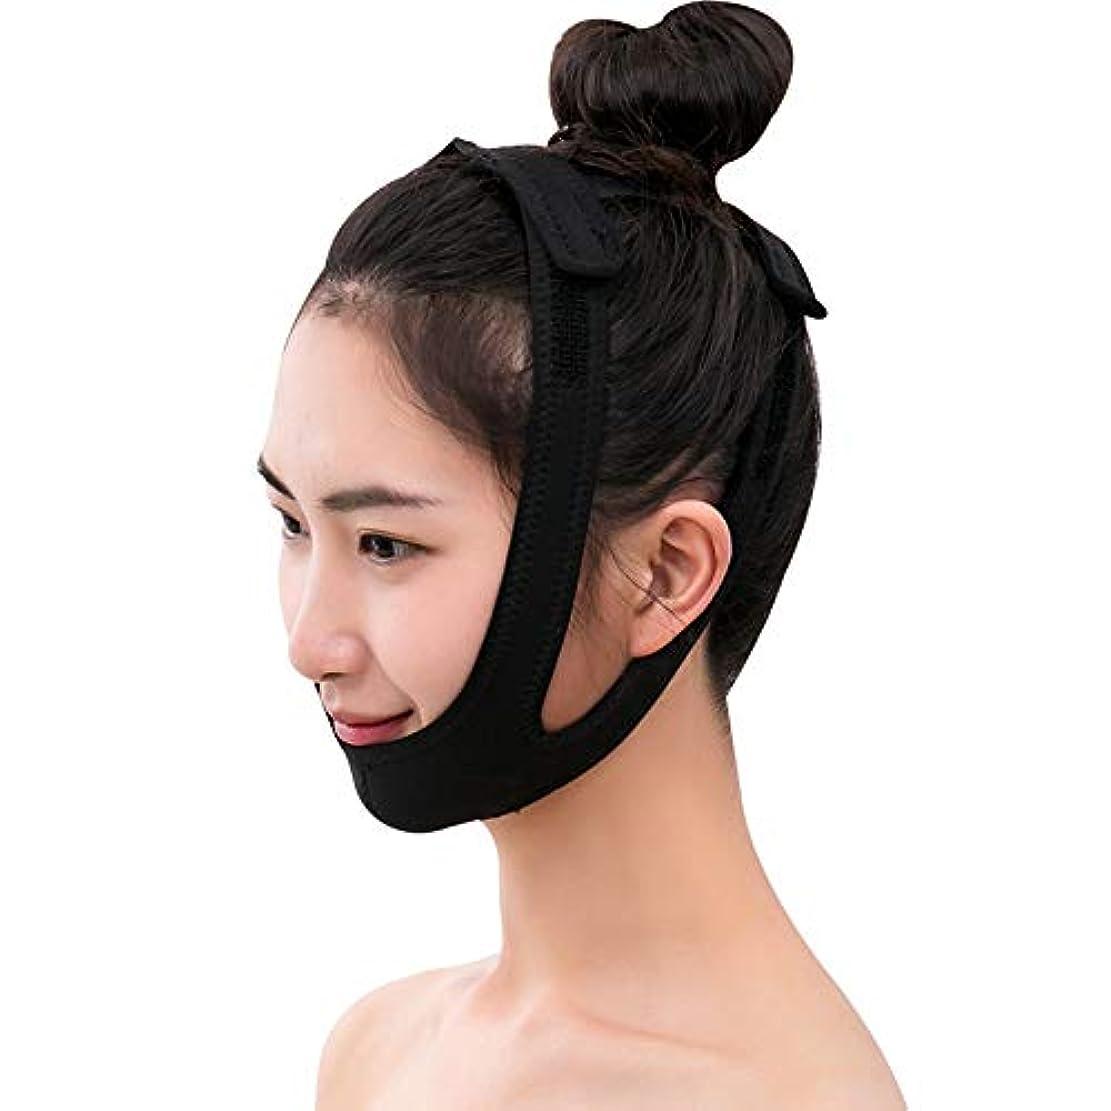 指令記念日消化器薄いフェイスバンド - 薄い顔の包帯ビューティーインストゥルメントフェイシャルリフト睡眠マスク法Vフェイスマスクの通気性を作る